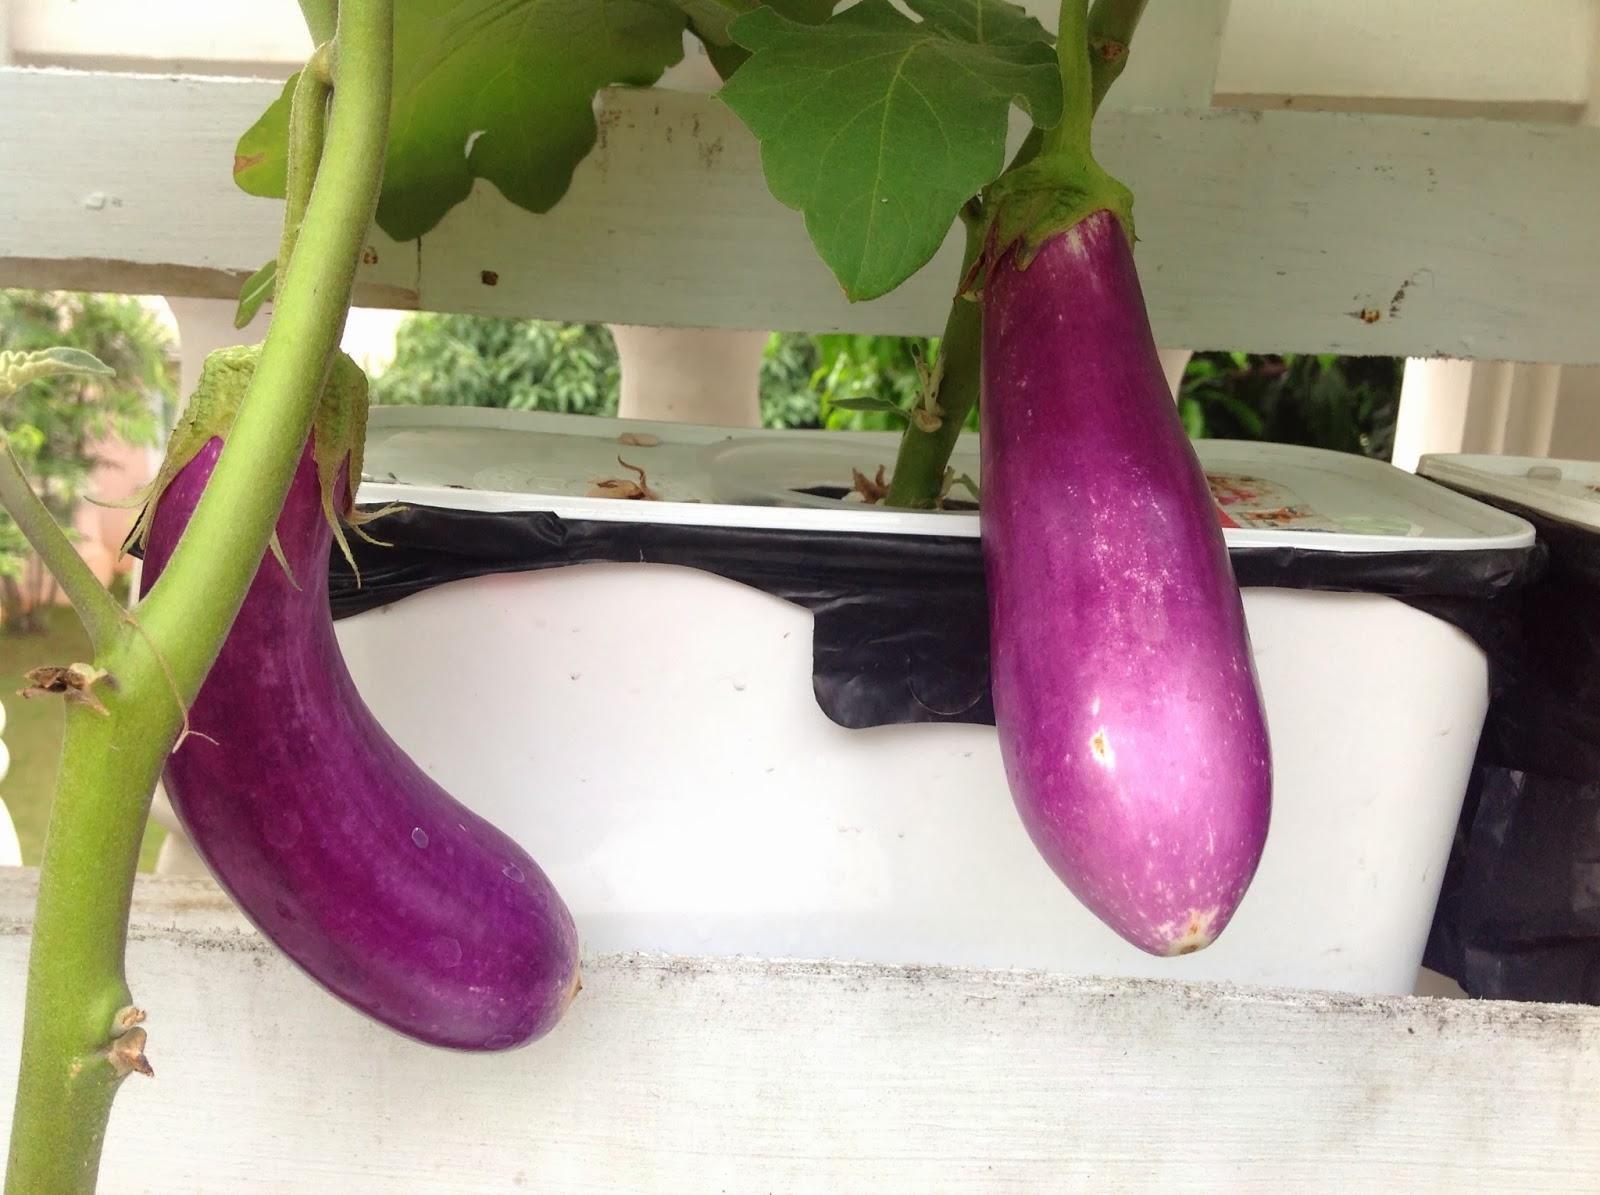 rumah hydroponic yang dibutuhkan tanaman untuk bisa tumbuh